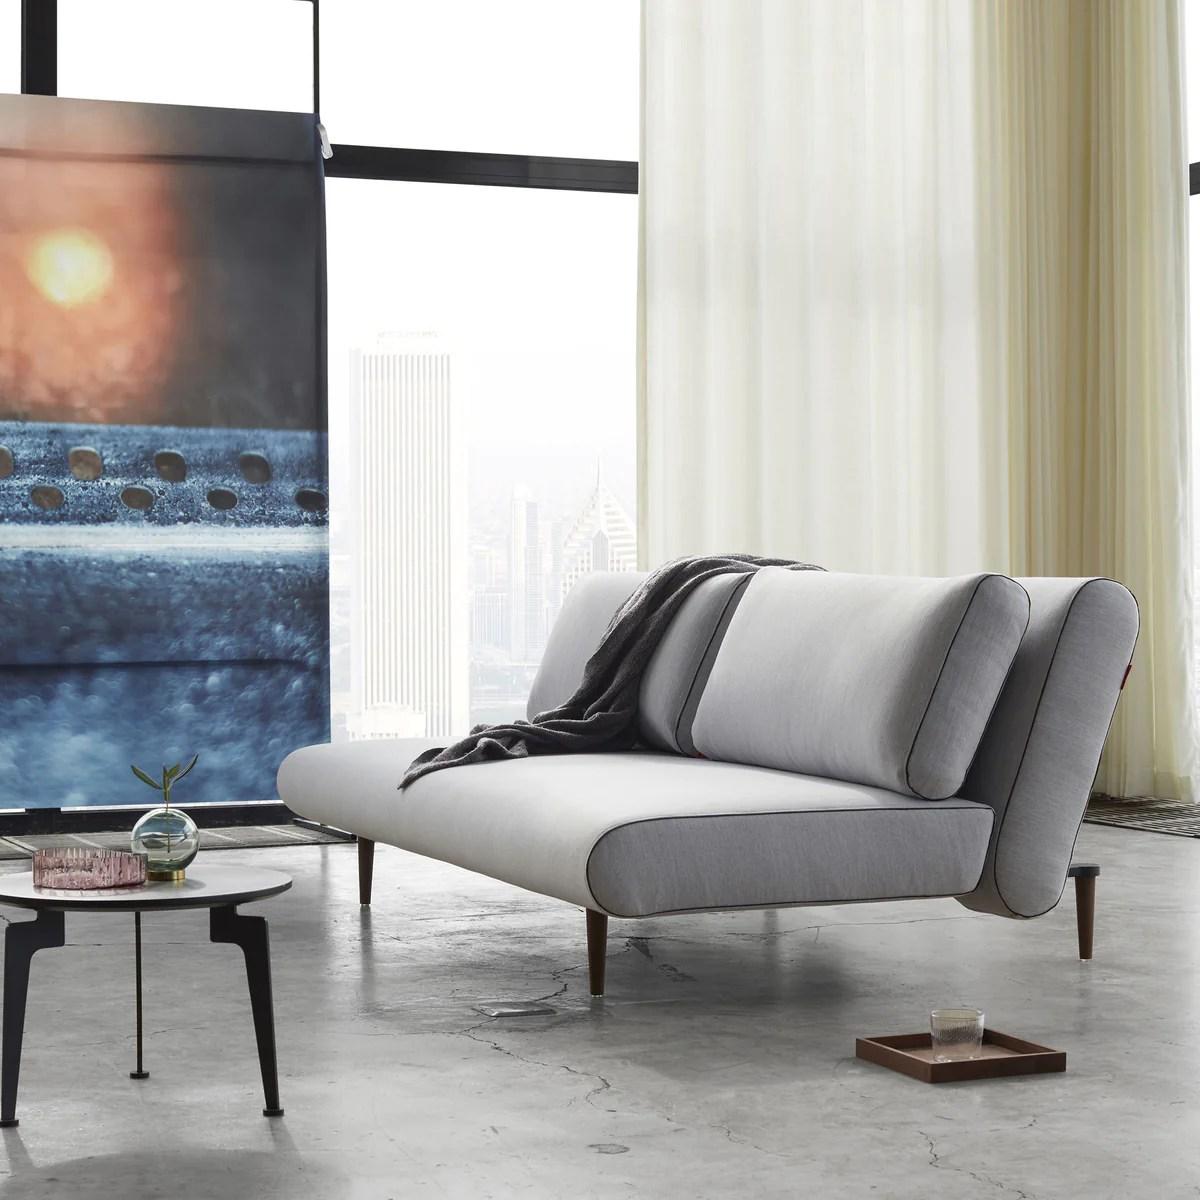 denmark lounger sofa bed double